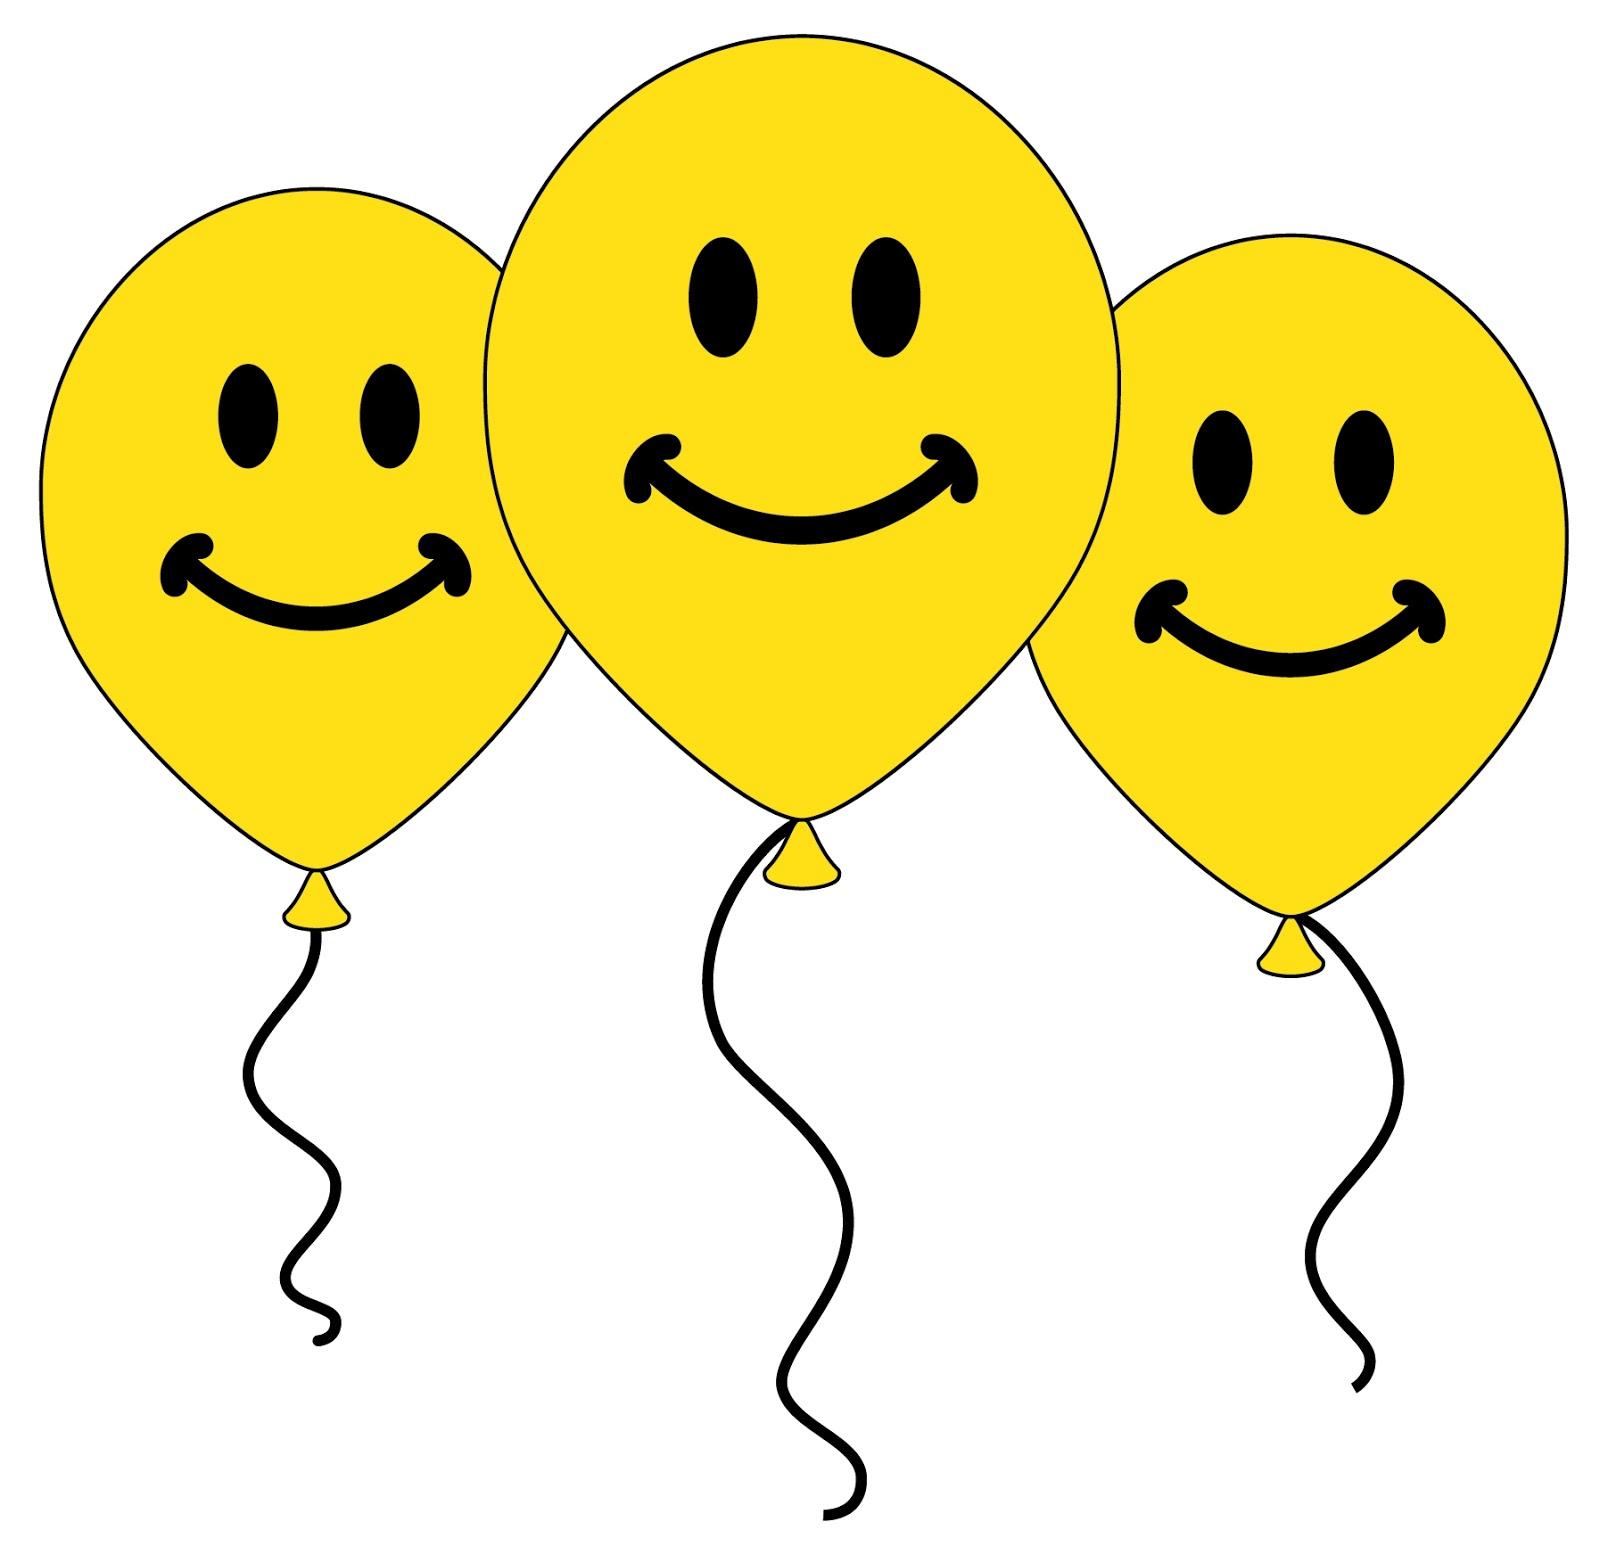 Happy Smiley Face Balloon